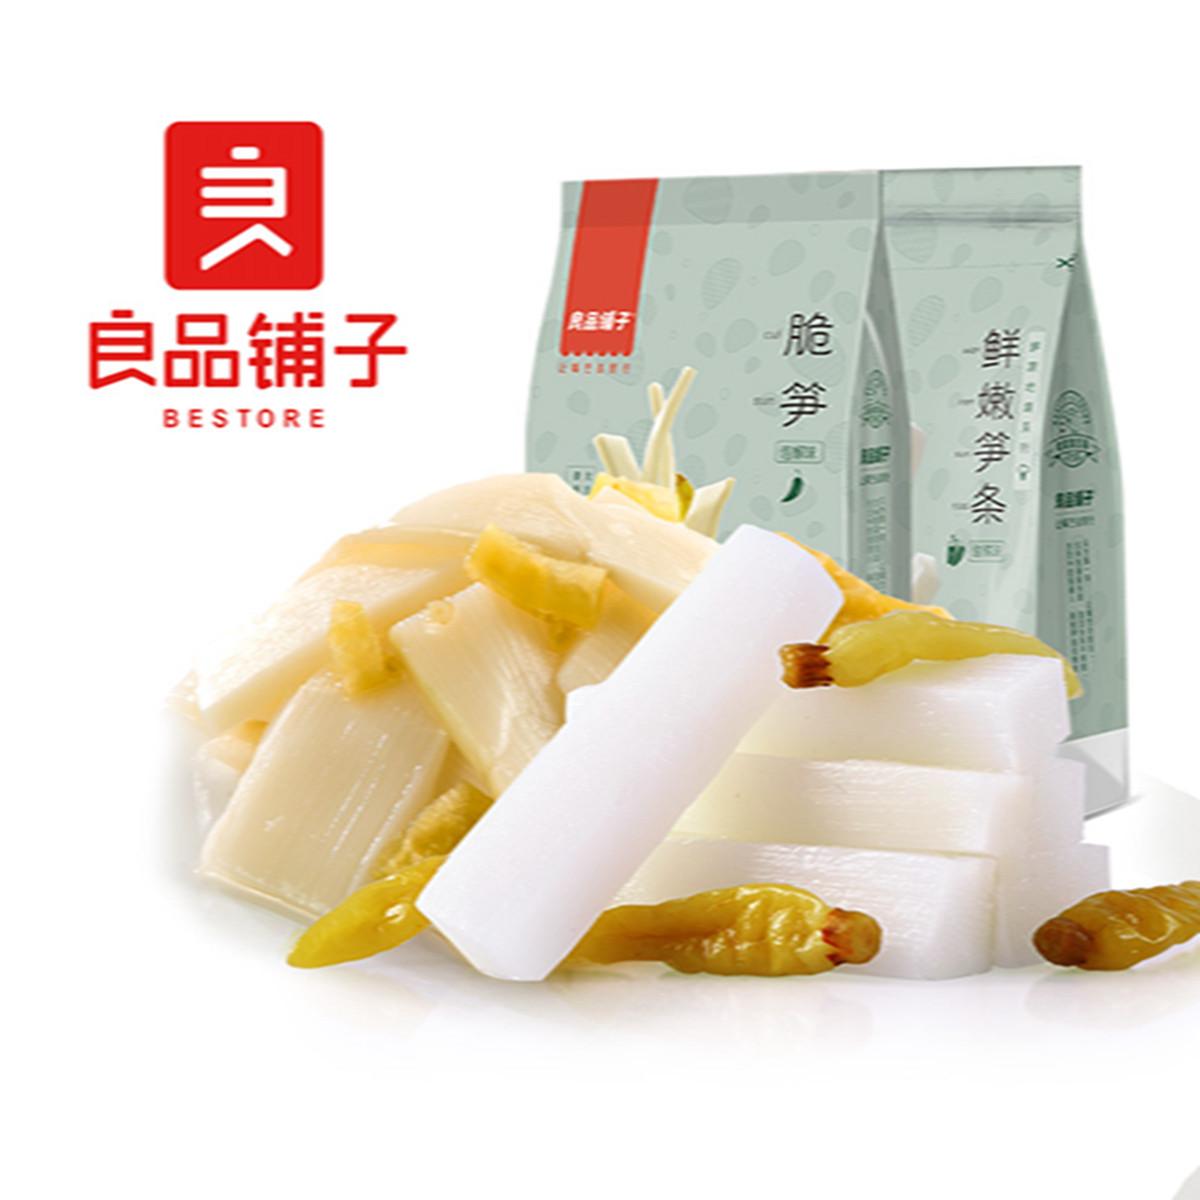 良品铺子脆笋188g/袋泡椒味鲜嫩笋条酸辣味竹笋干即笋片零食小吃COLOR笋188g